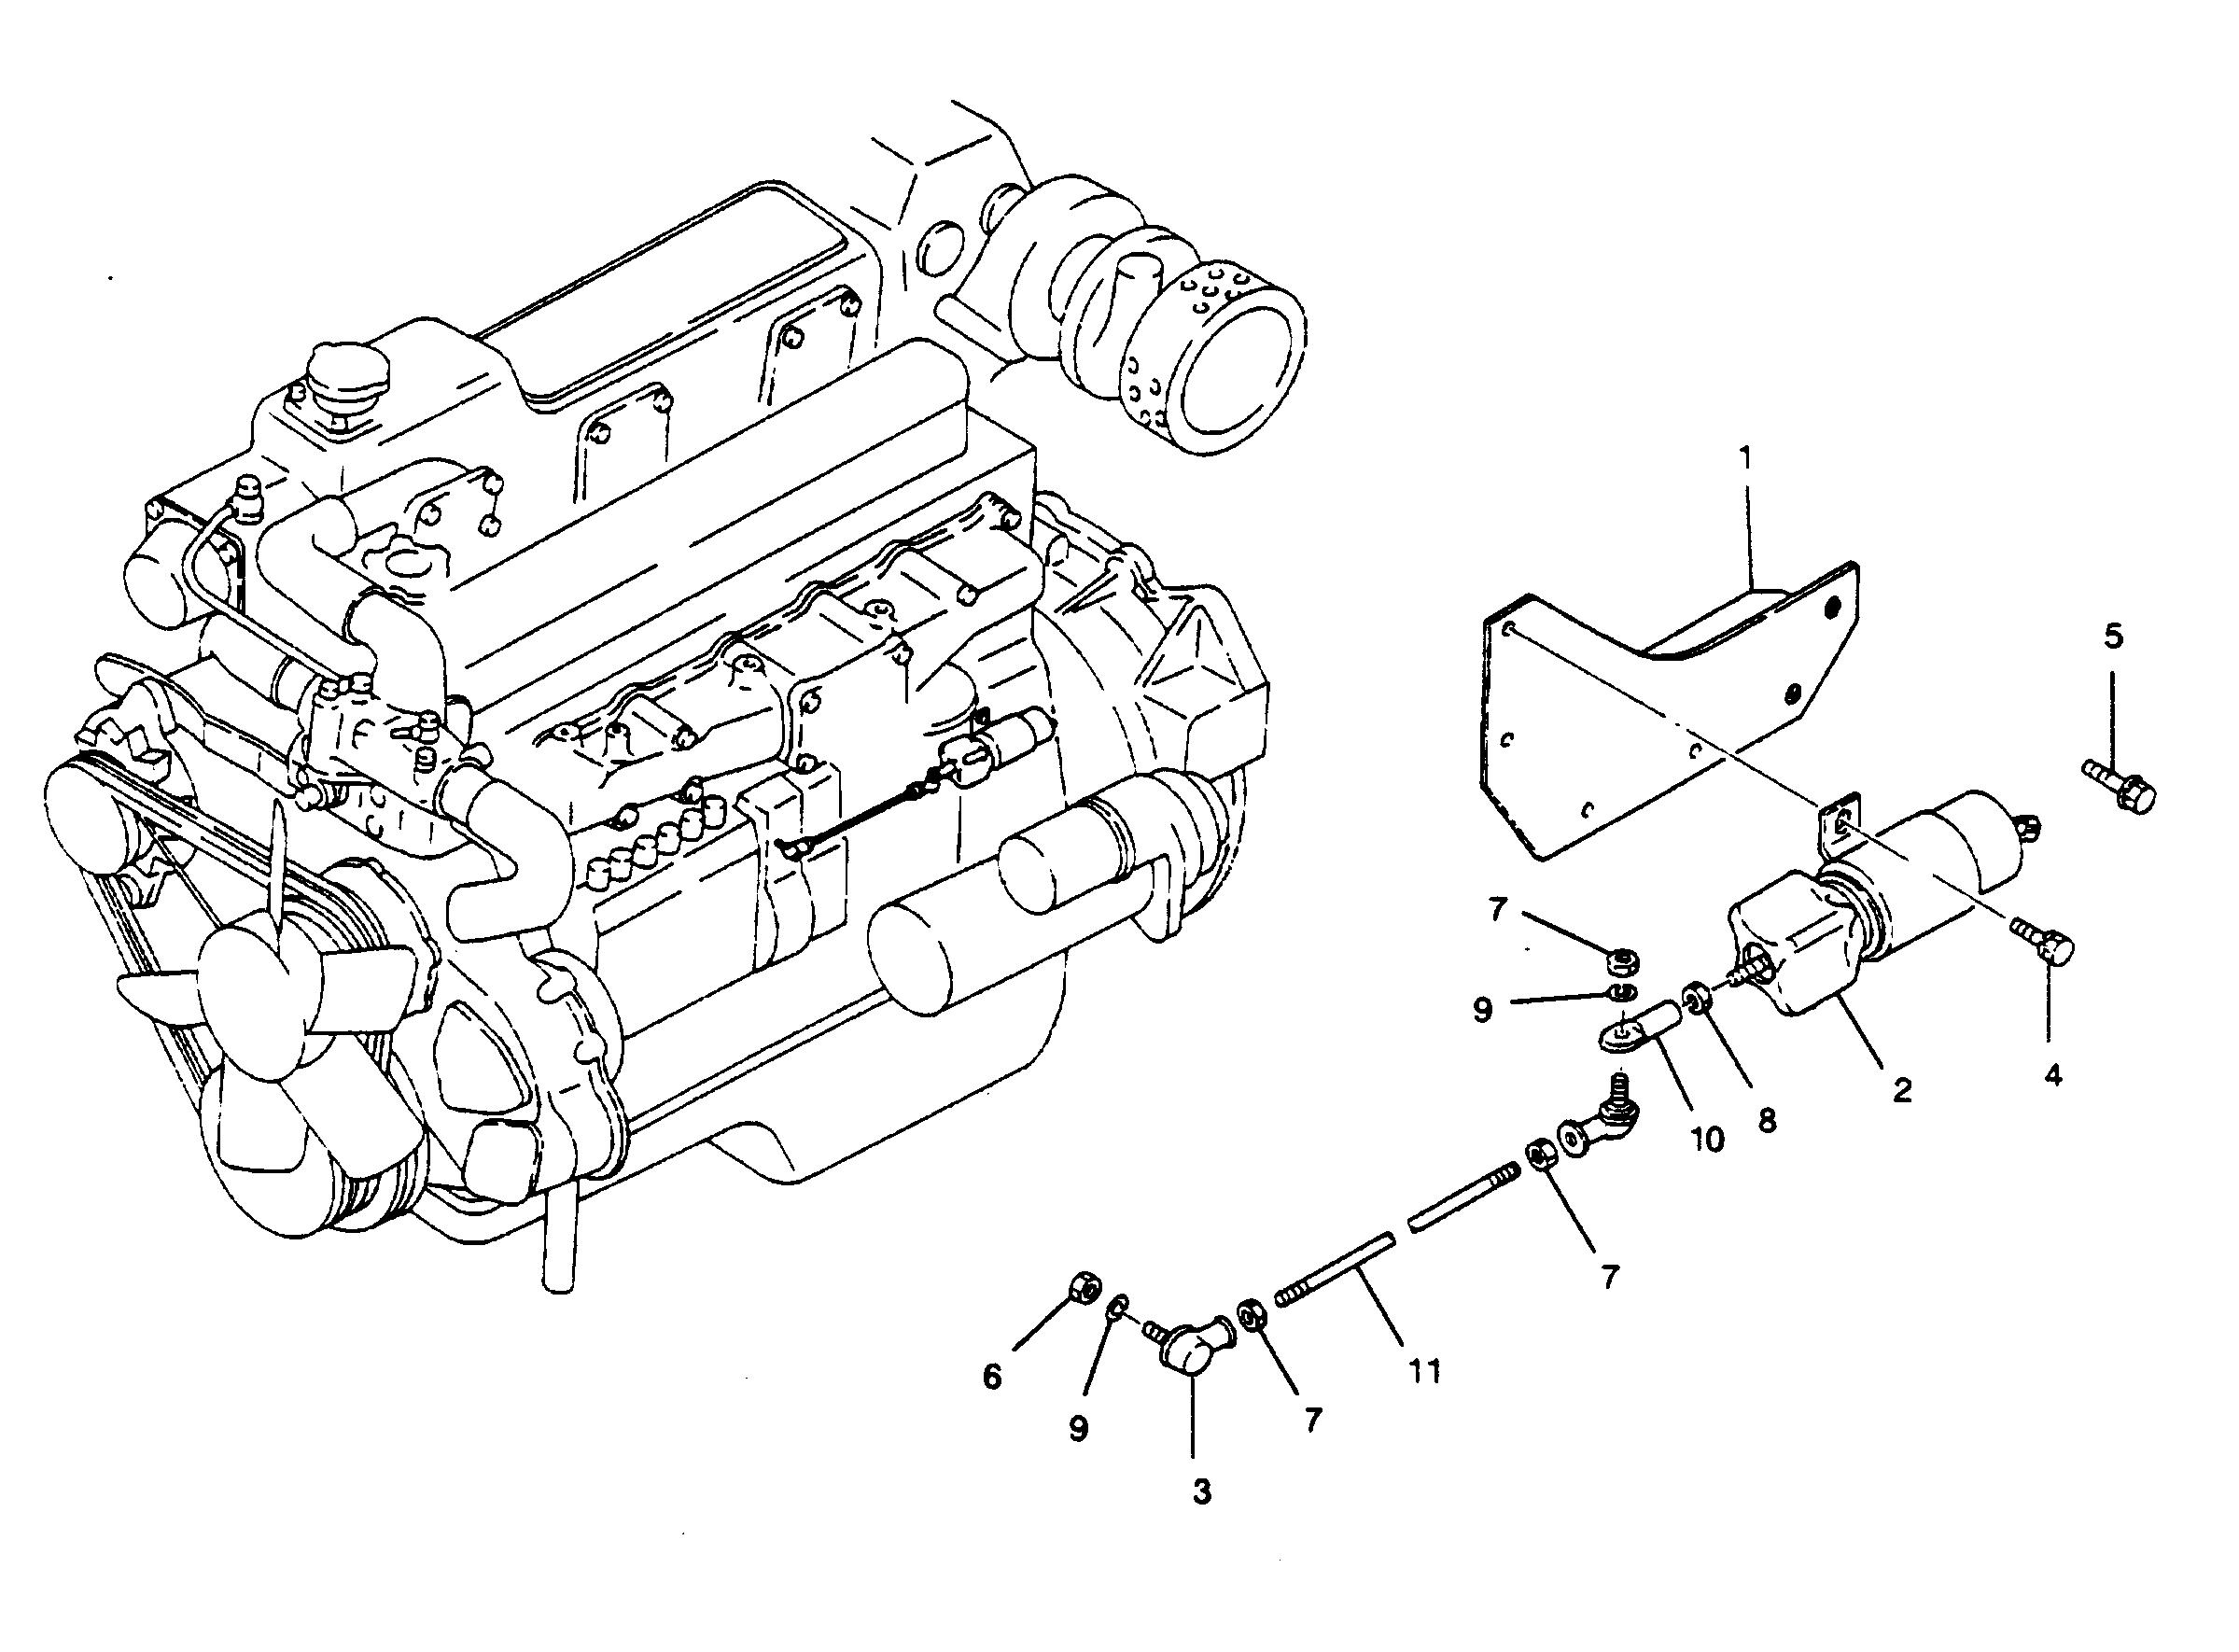 U S Marine Hinosel See Mercruiser